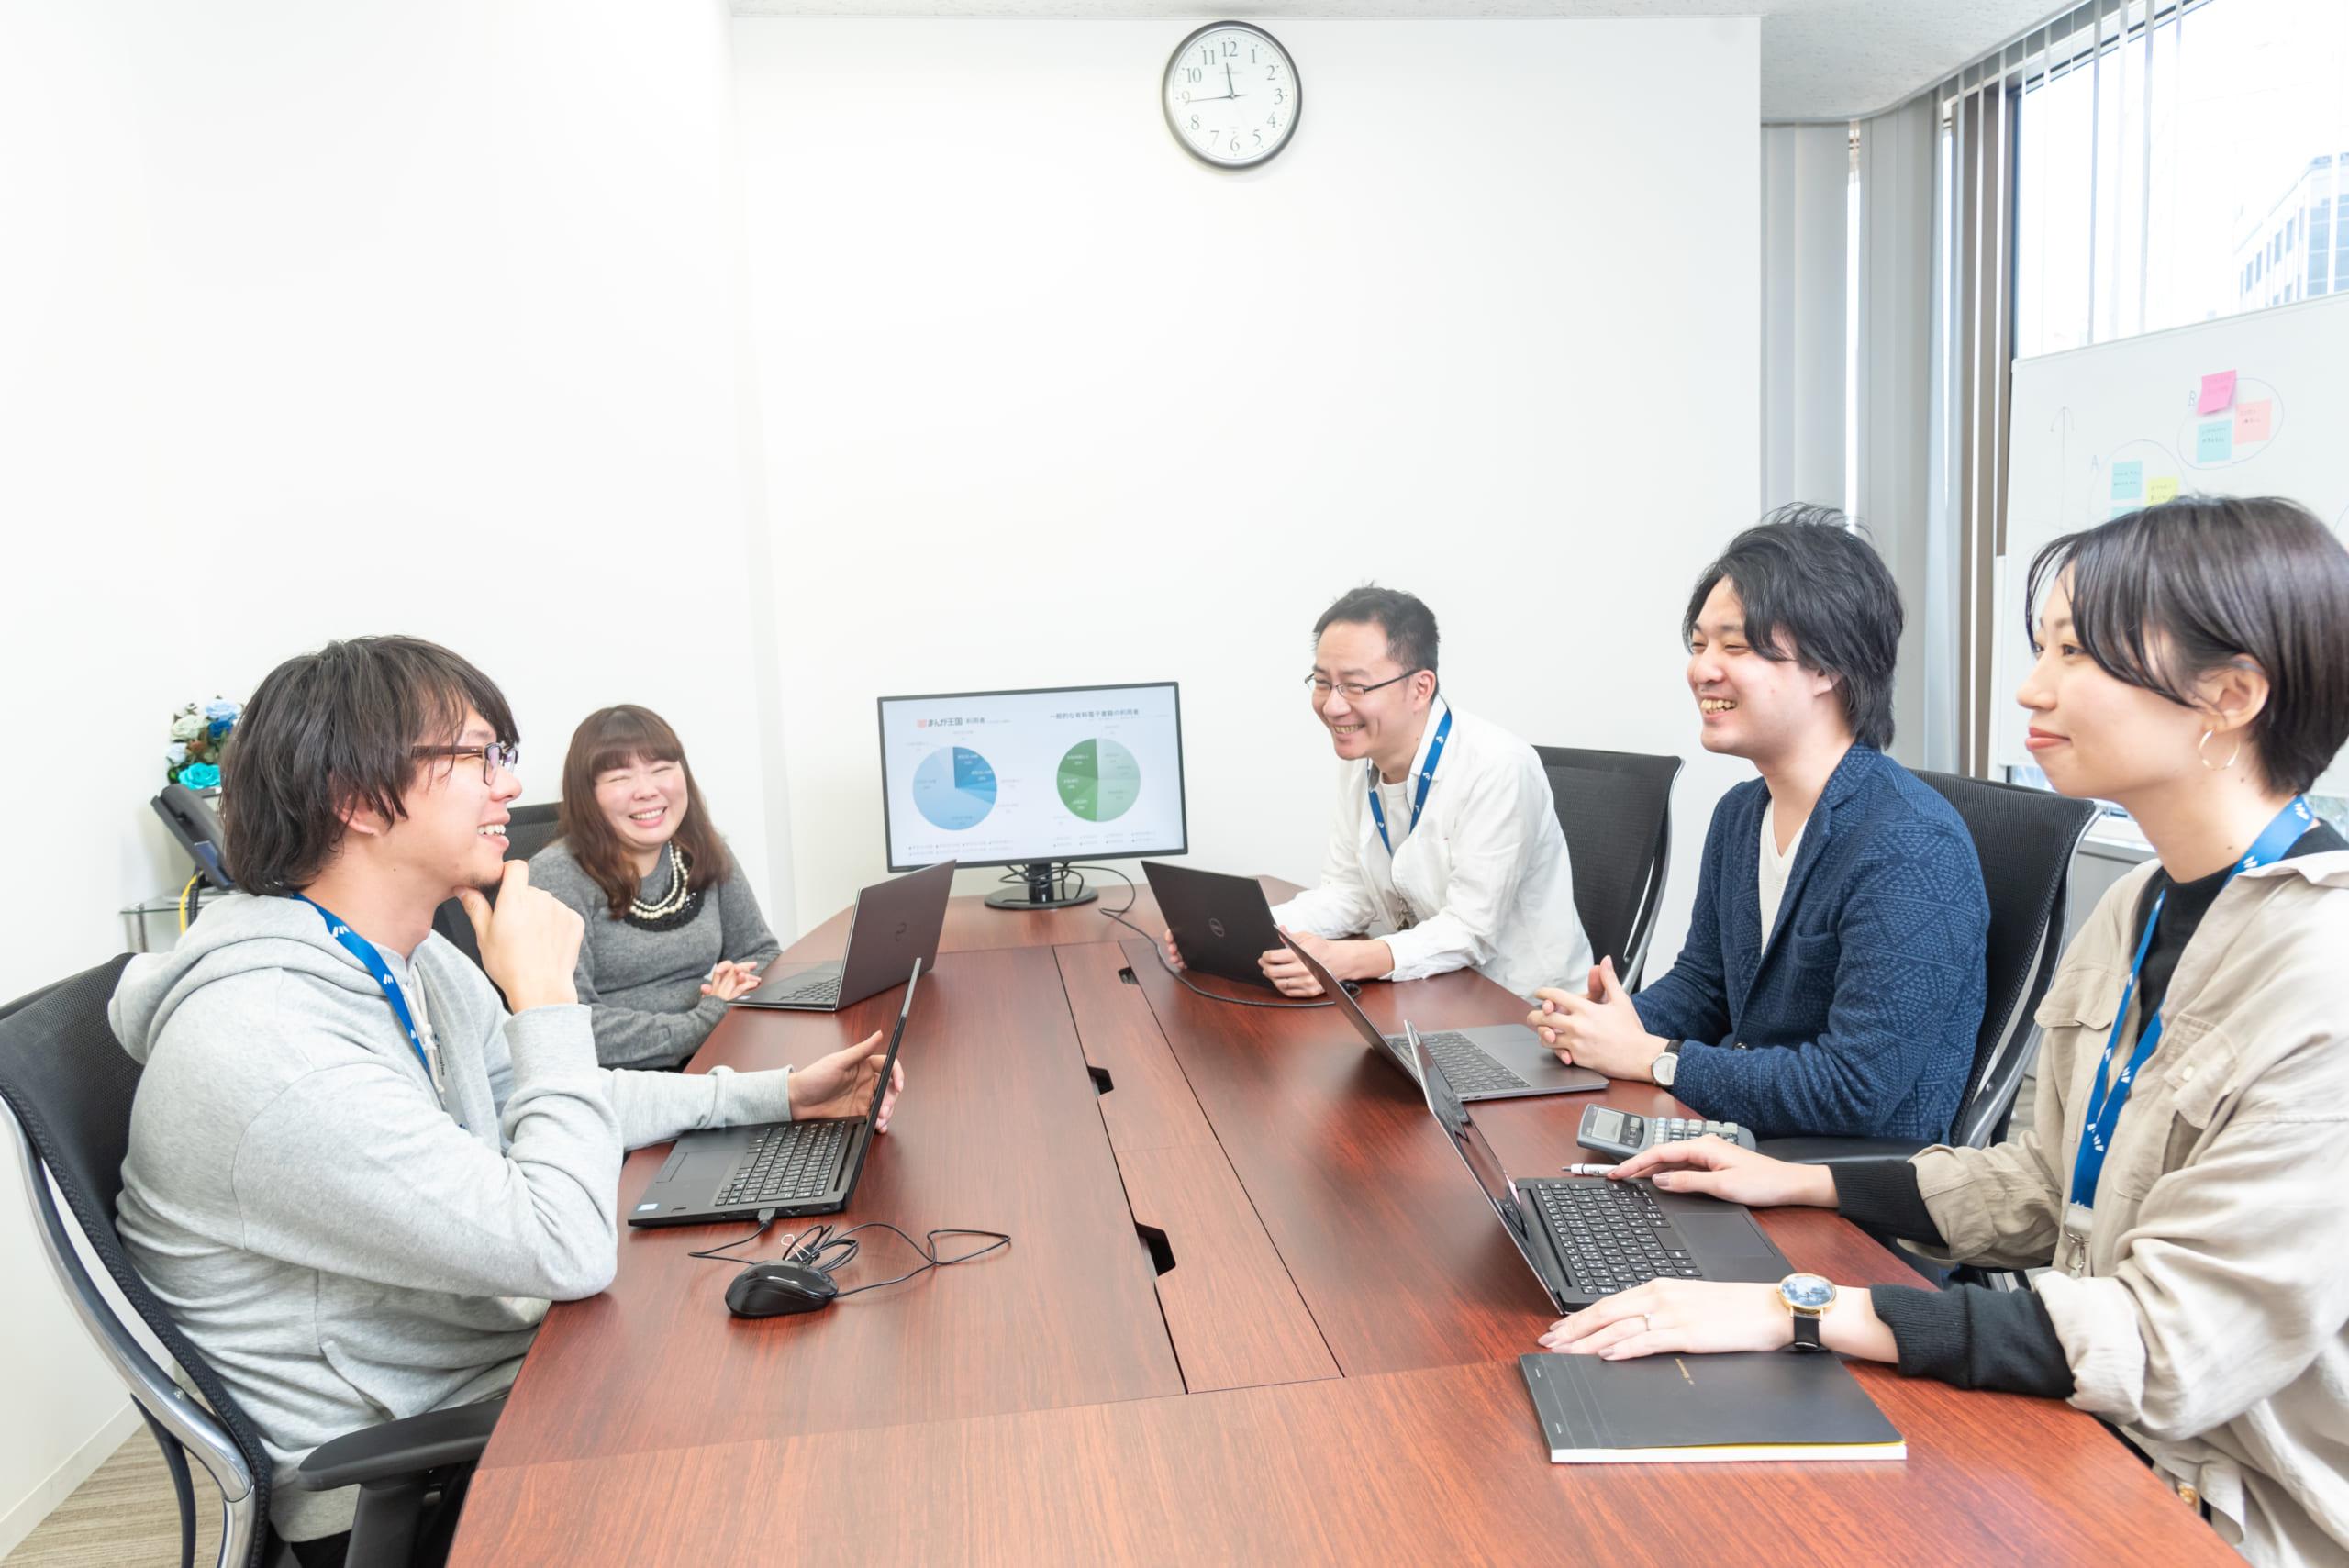 新規事業のスタートアップメンバー!Webアプリケーション開発エンジニア